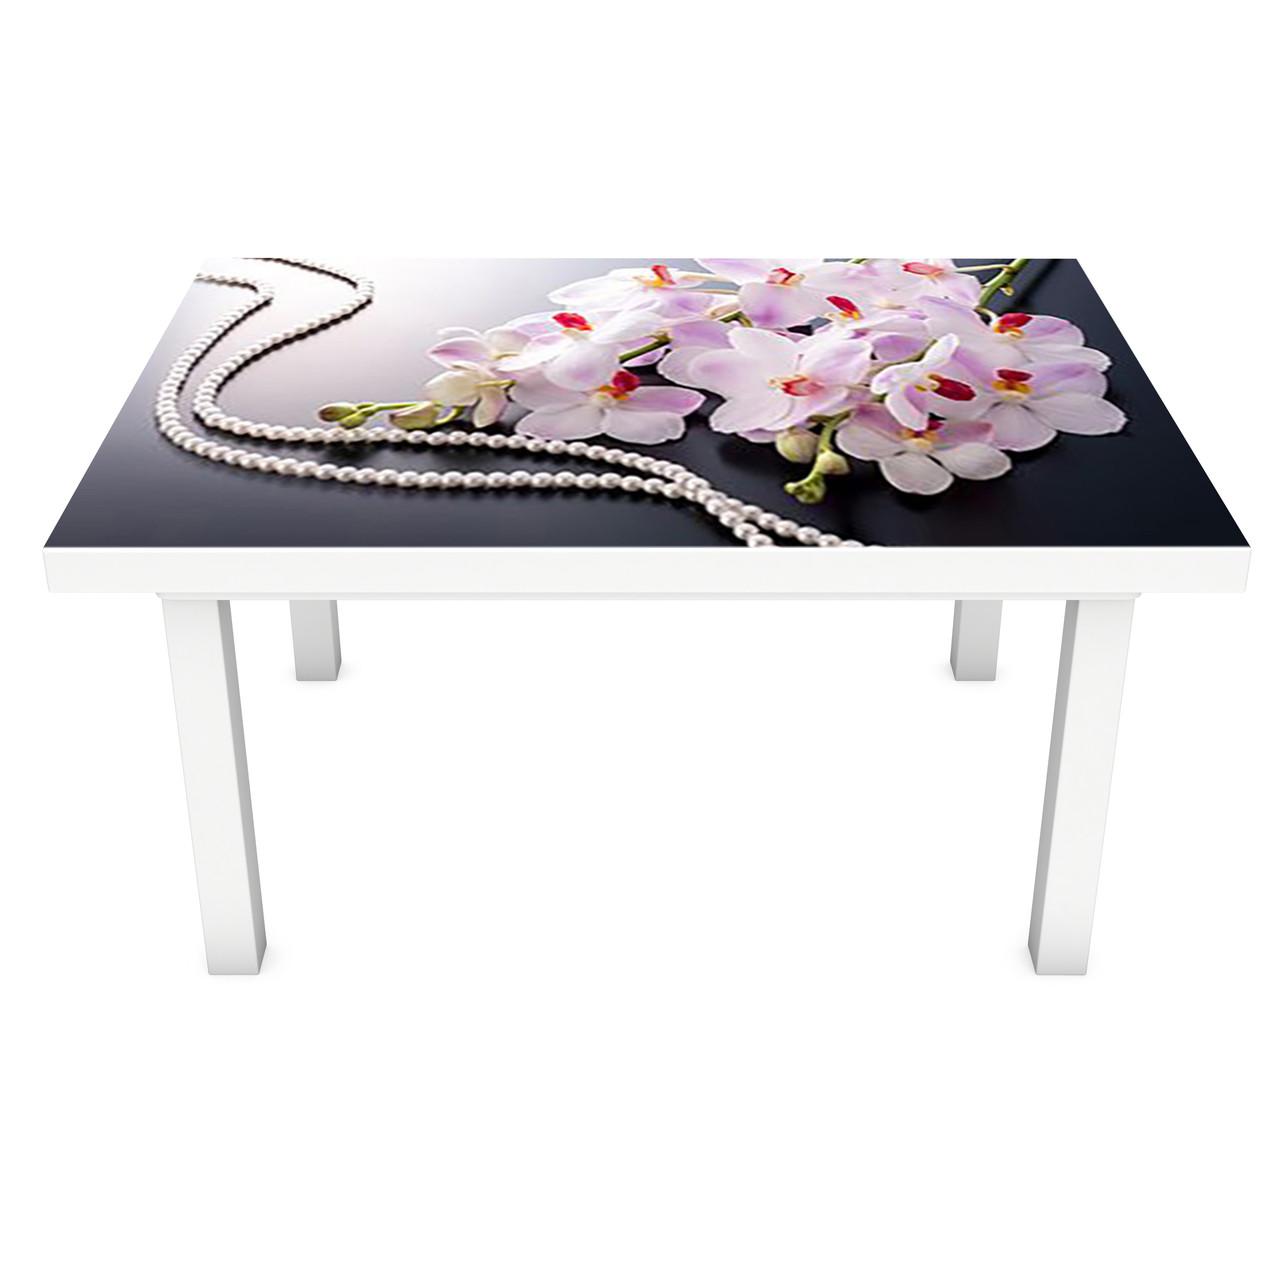 Наклейка на стіл Перли Орхідеї 3Д вінілова плівка ПВХ Квіти Сірий 600*1200 мм